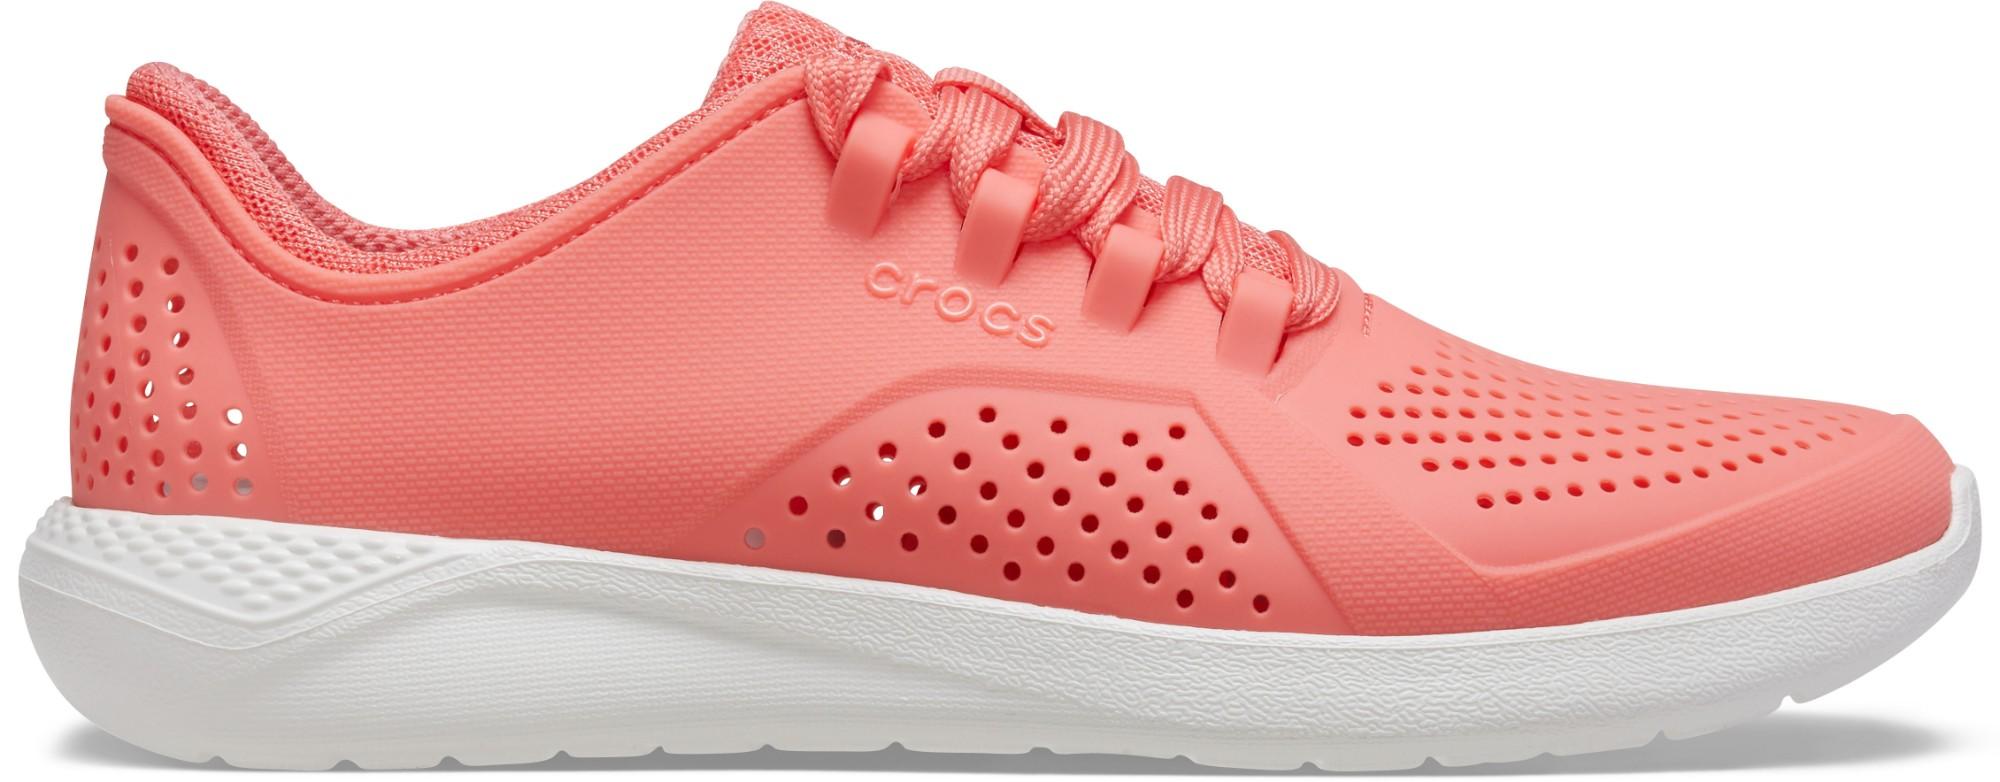 Crocs™ Women's LiteRide Pacer Fresco 41